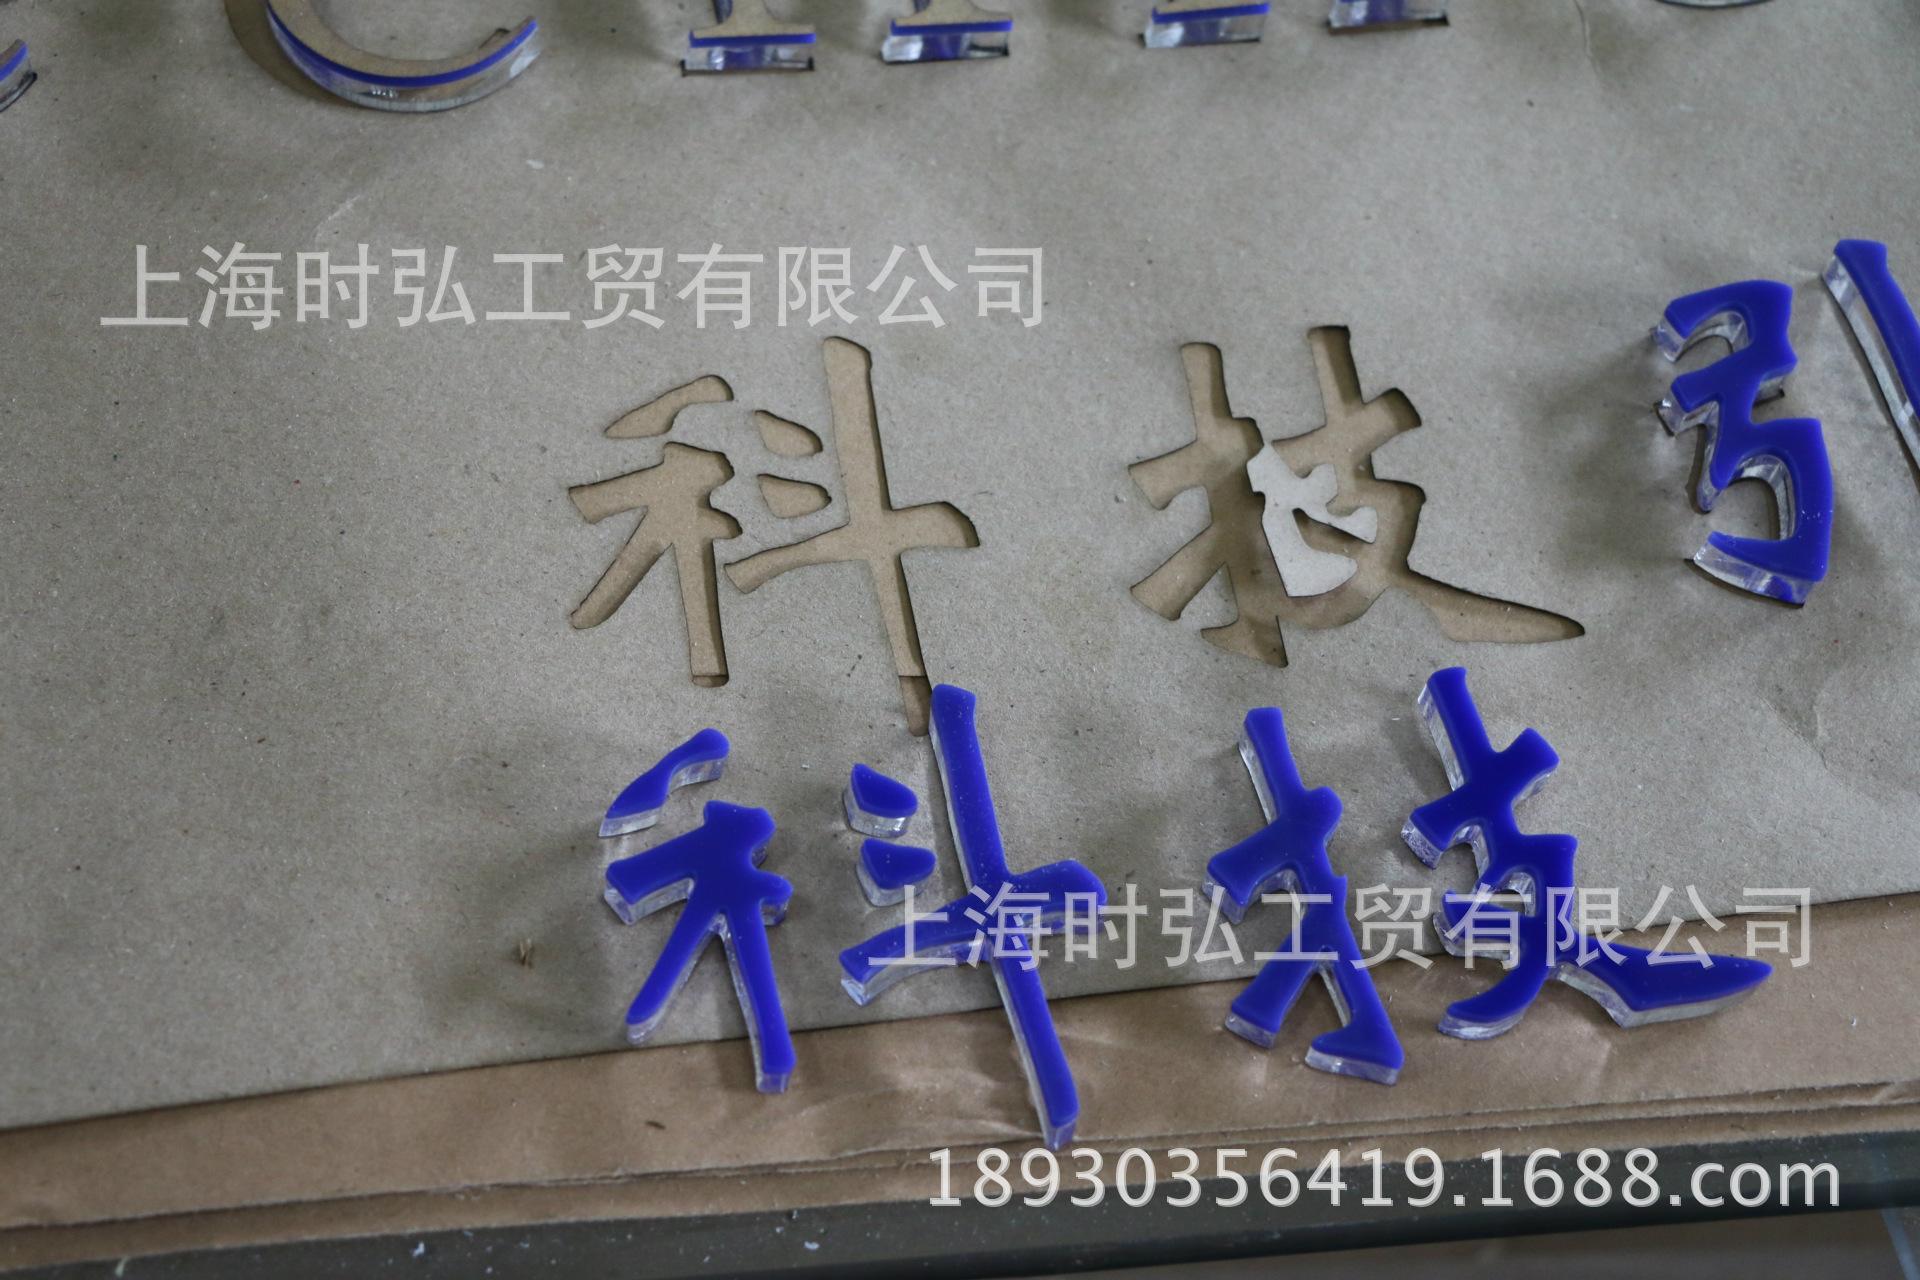 上海激光雕刻亚克力水晶字形象墙广告字8 3 公司LOGO墙 招牌 -公司